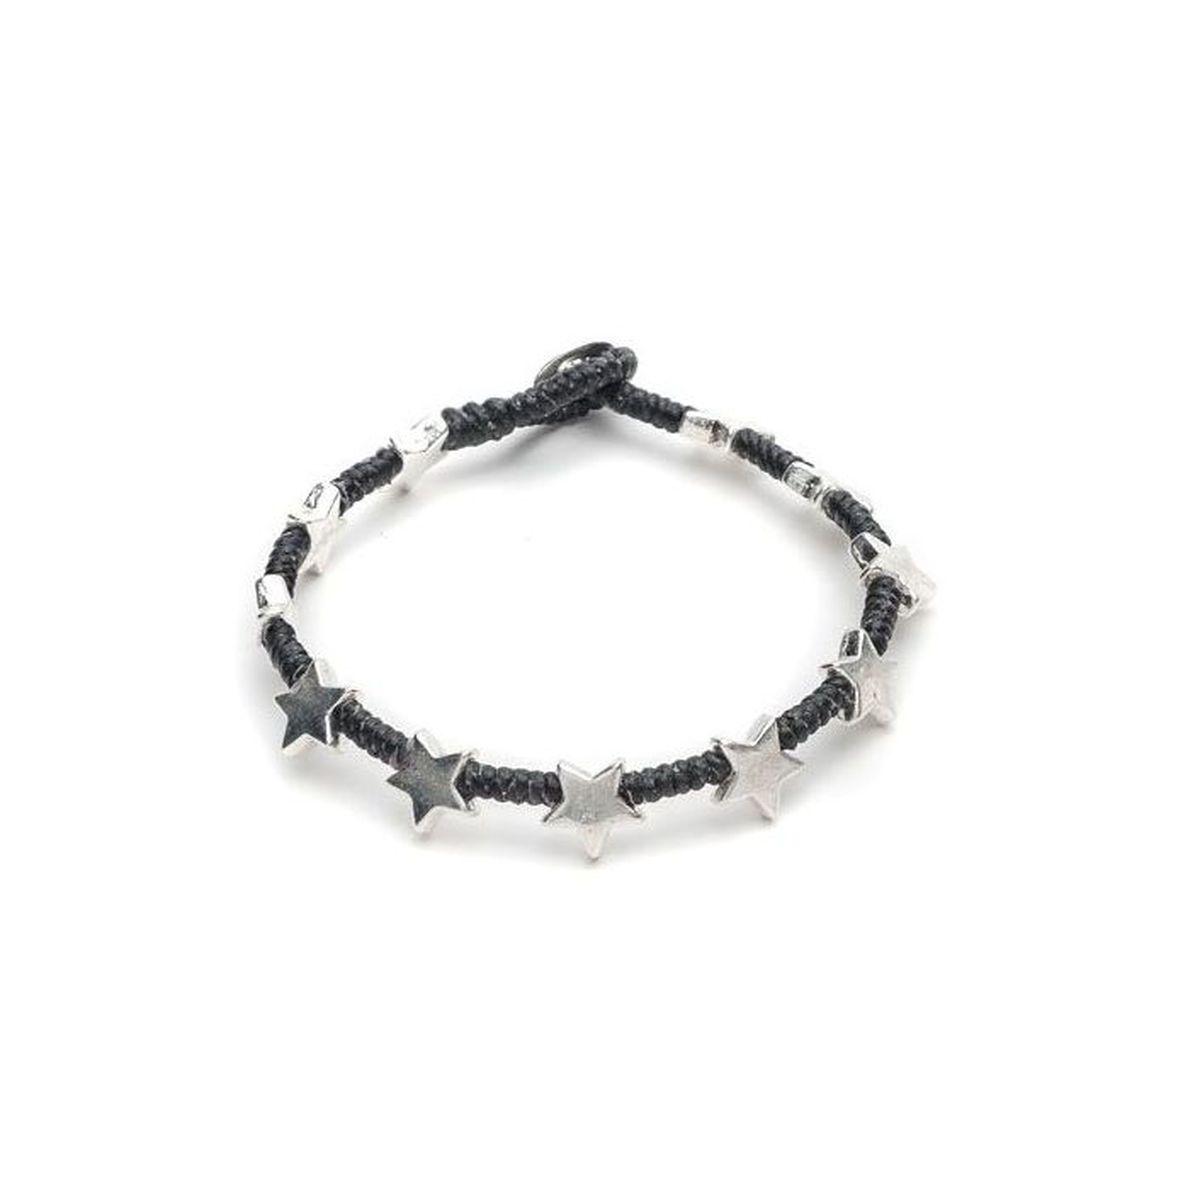 New Flat star bracelet Black VestoPazzo